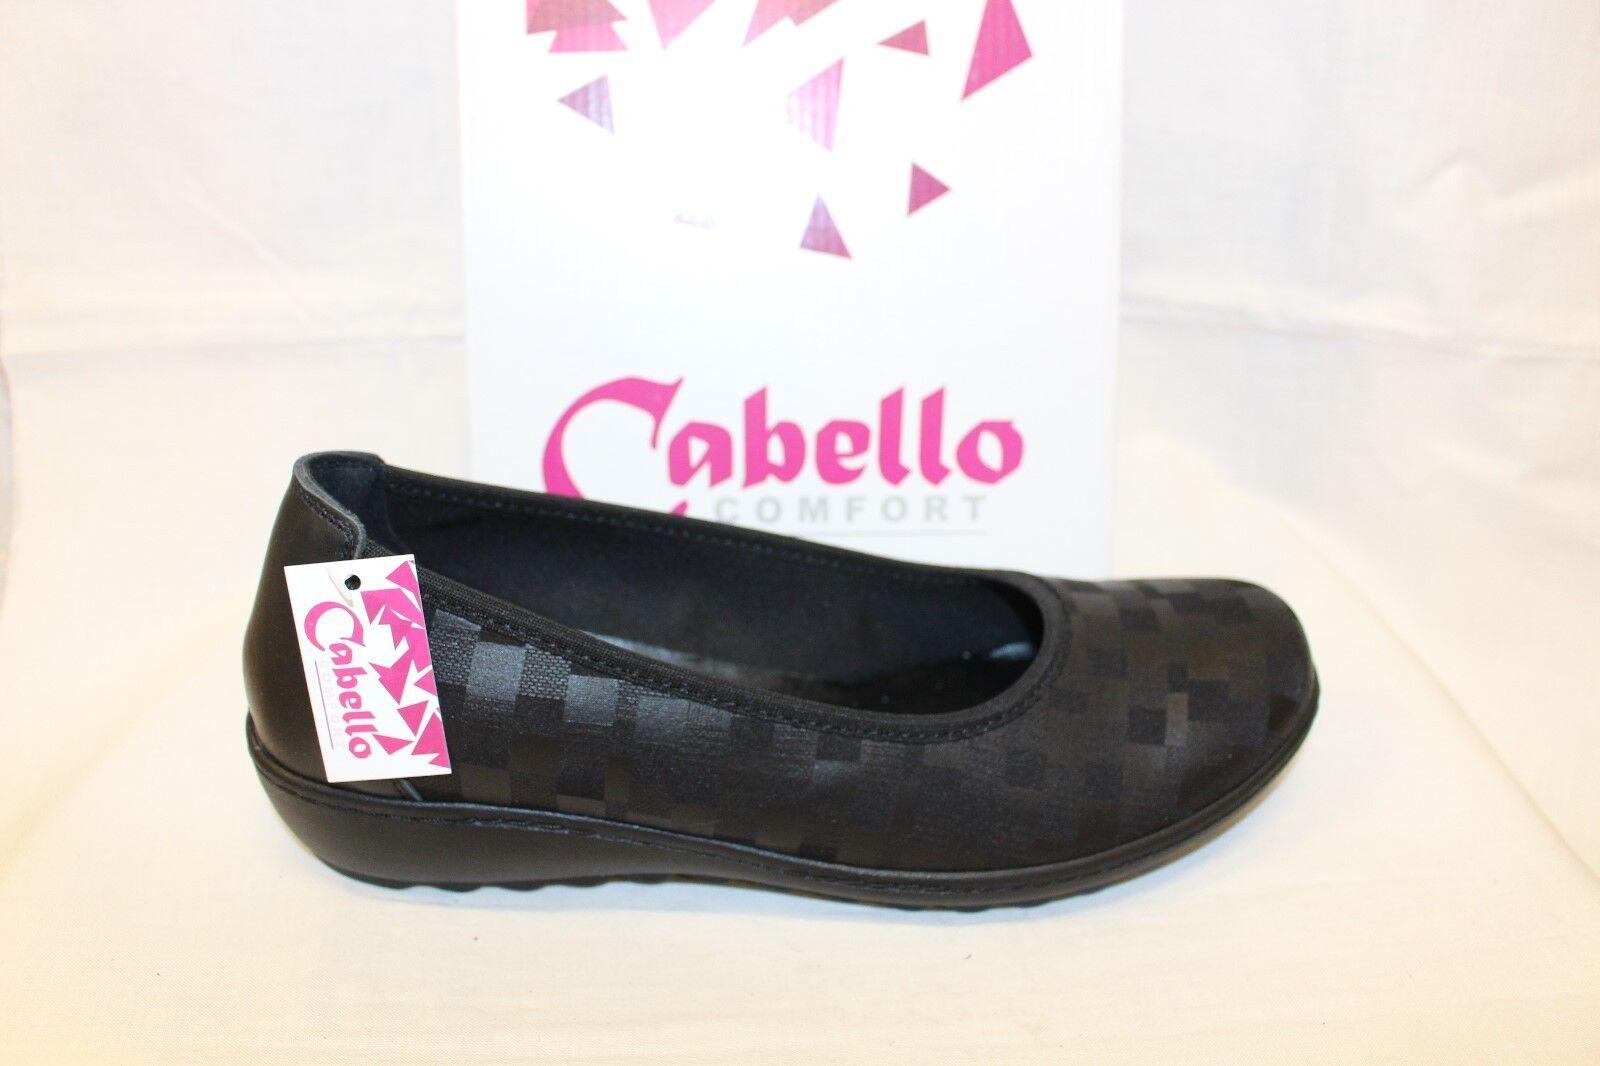 centro commerciale di moda LADIES scarpe FOOTWEAR - Cabello CP165 slip slip slip on scarpe nero  negozio online